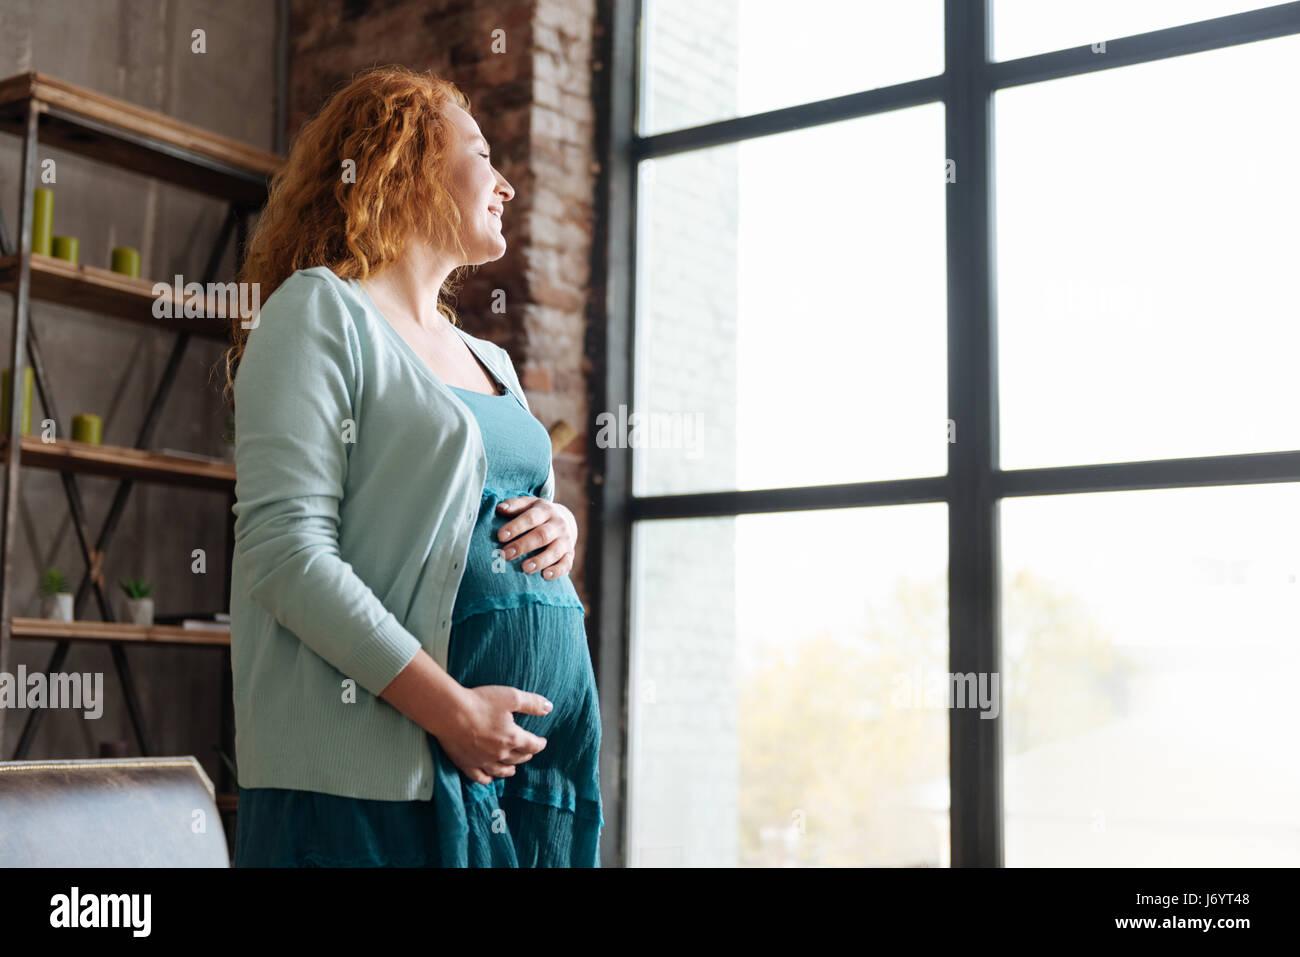 Sorridente madre-essere a guardare fuori dalla finestra Immagini Stock